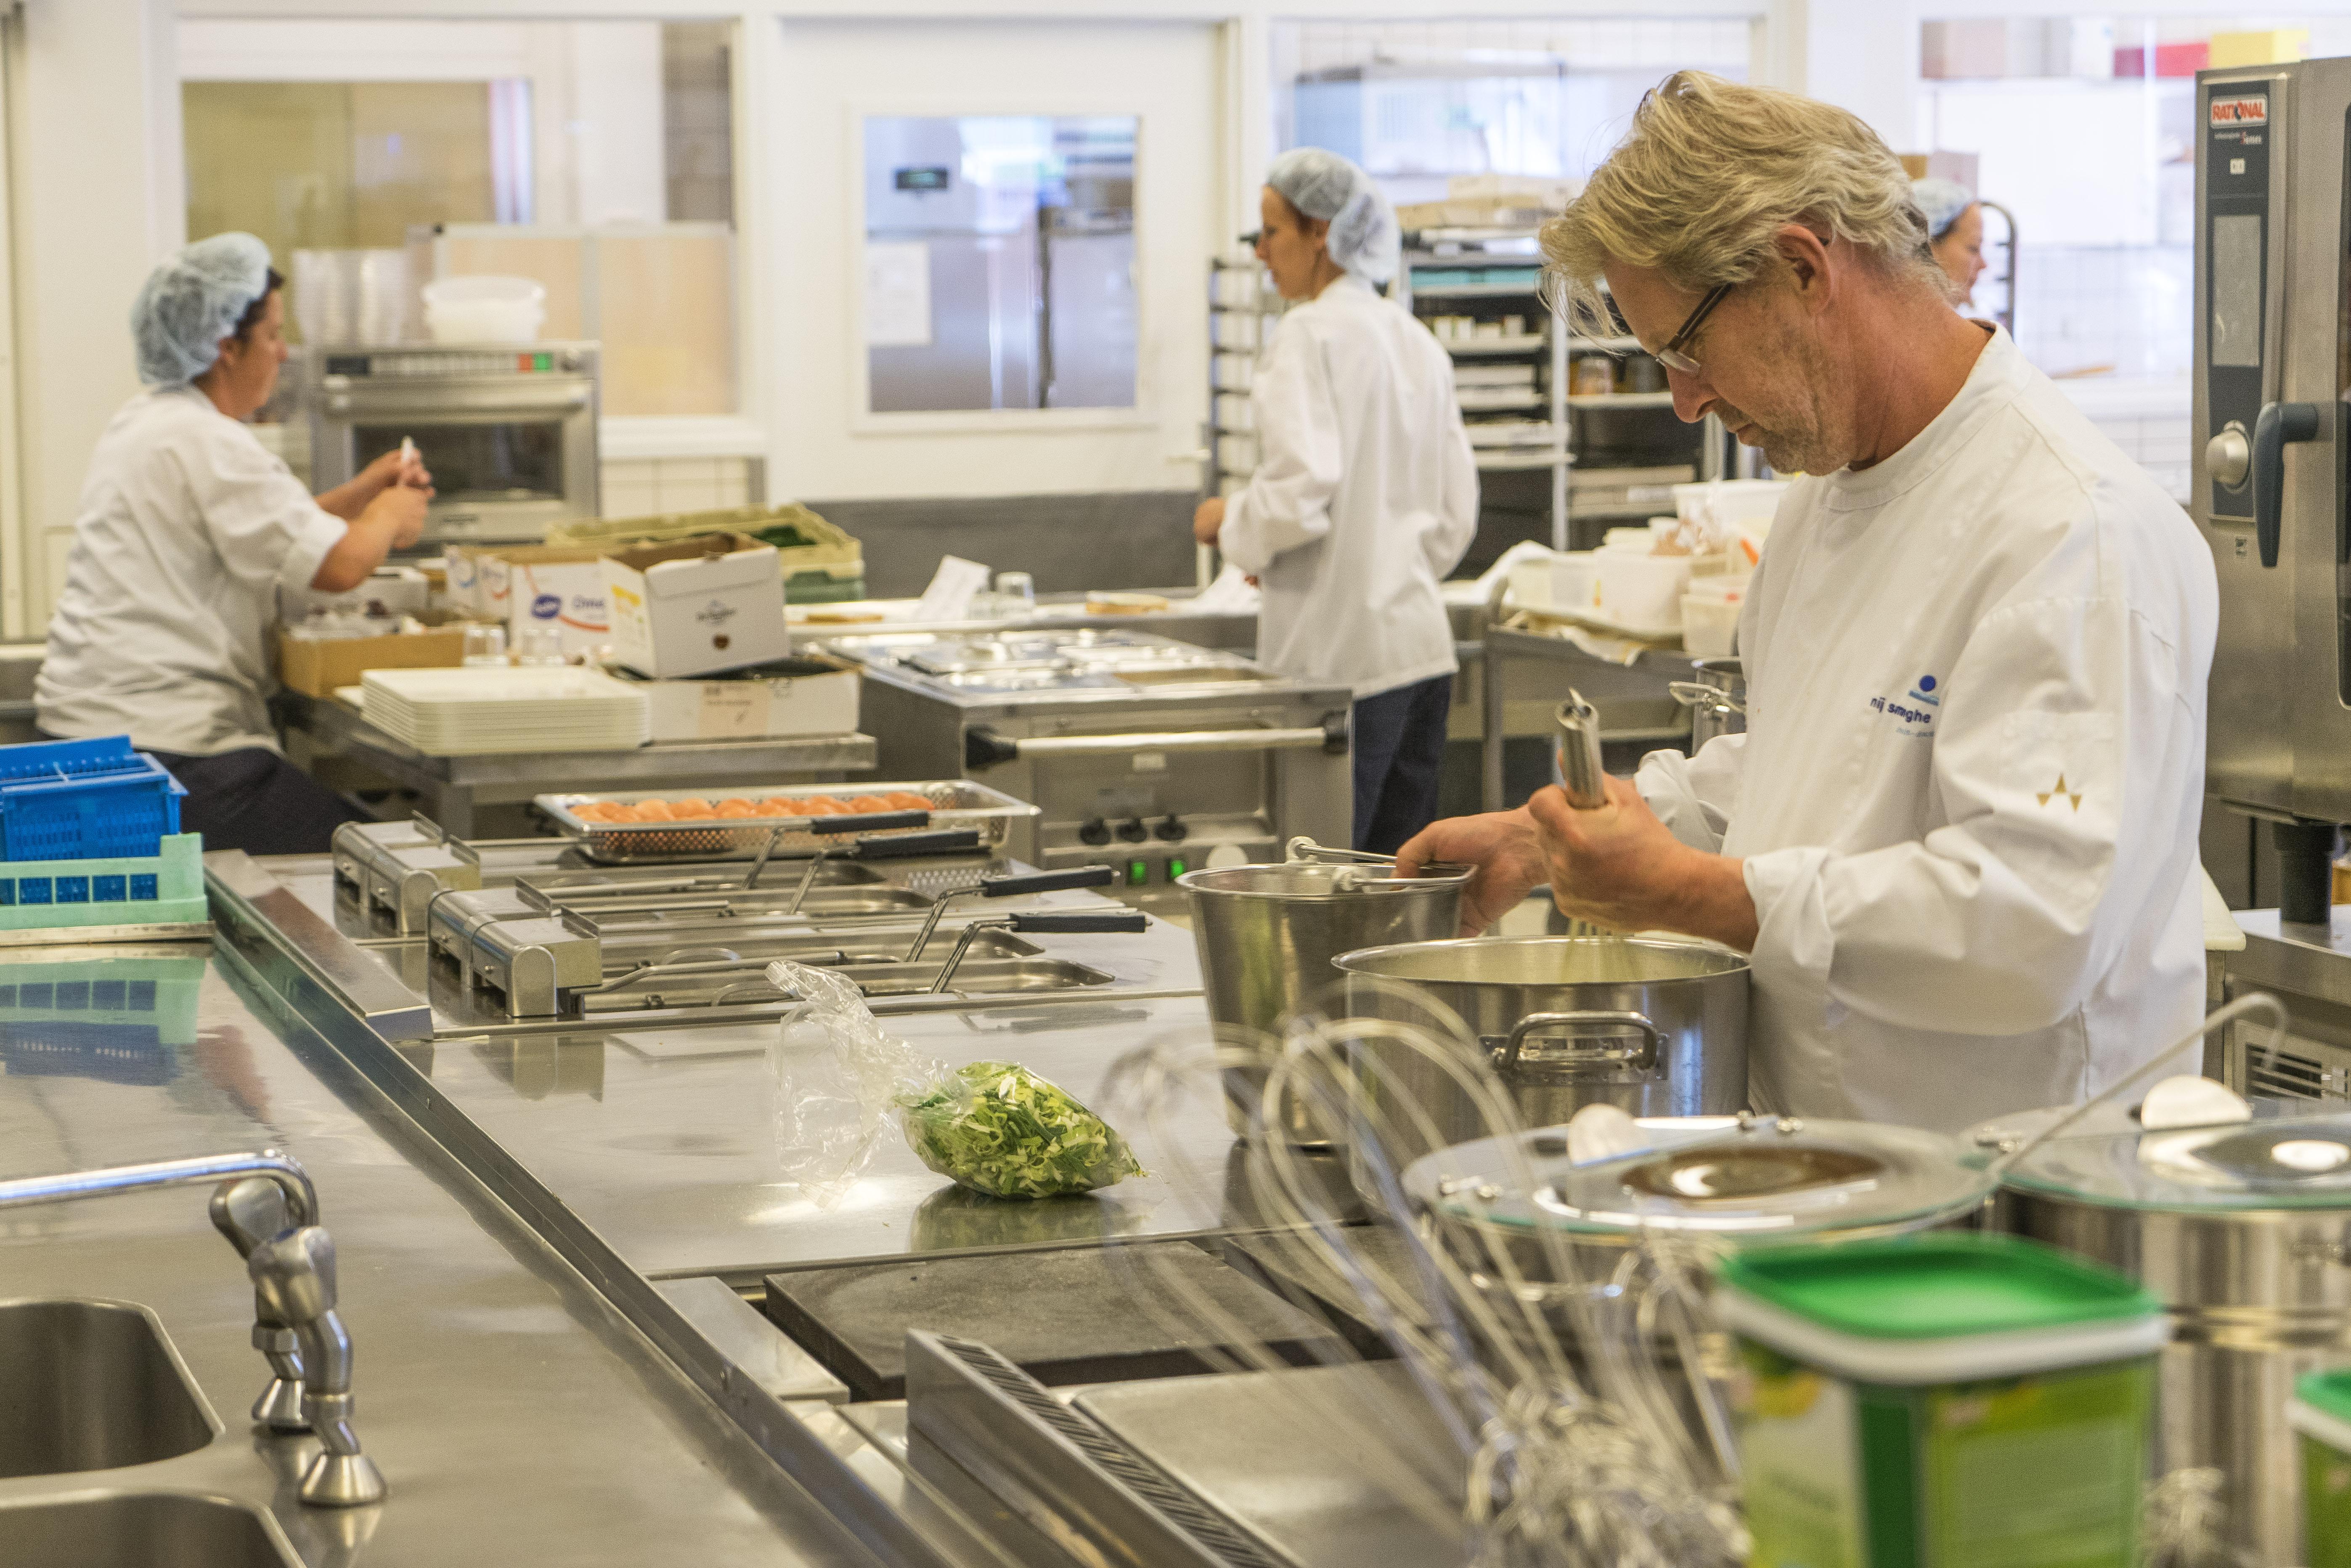 Ziekenhuiscatering Patiënten Ziekenhuis Drachten Eten Straks à La Carte